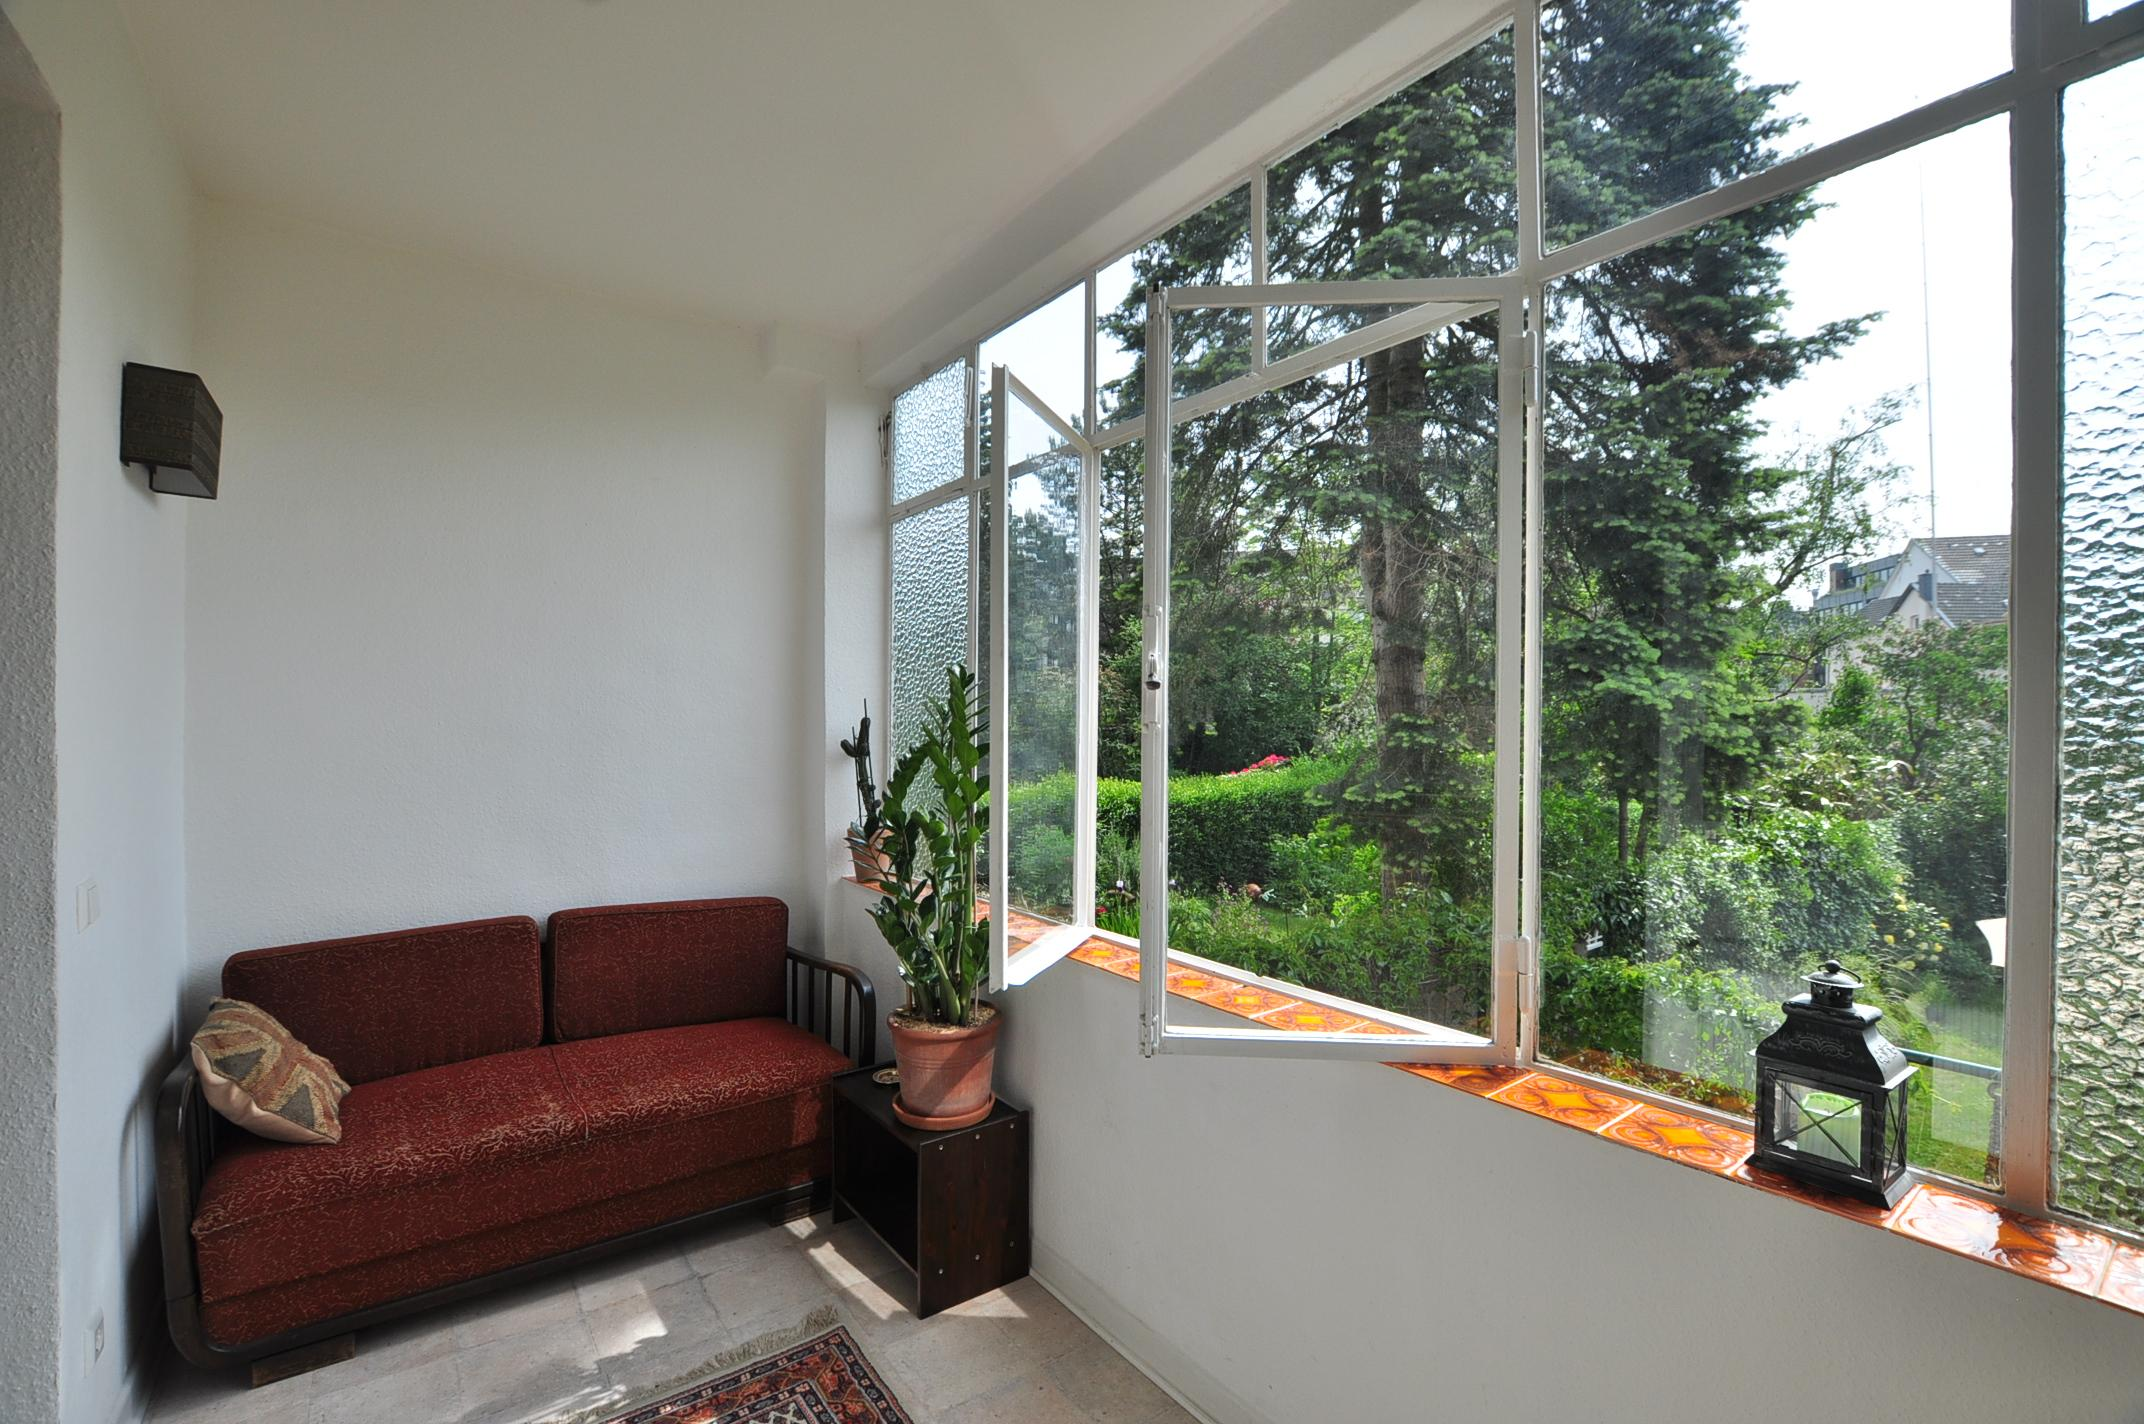 Wintergarten Innen Bilder Ideen Couch